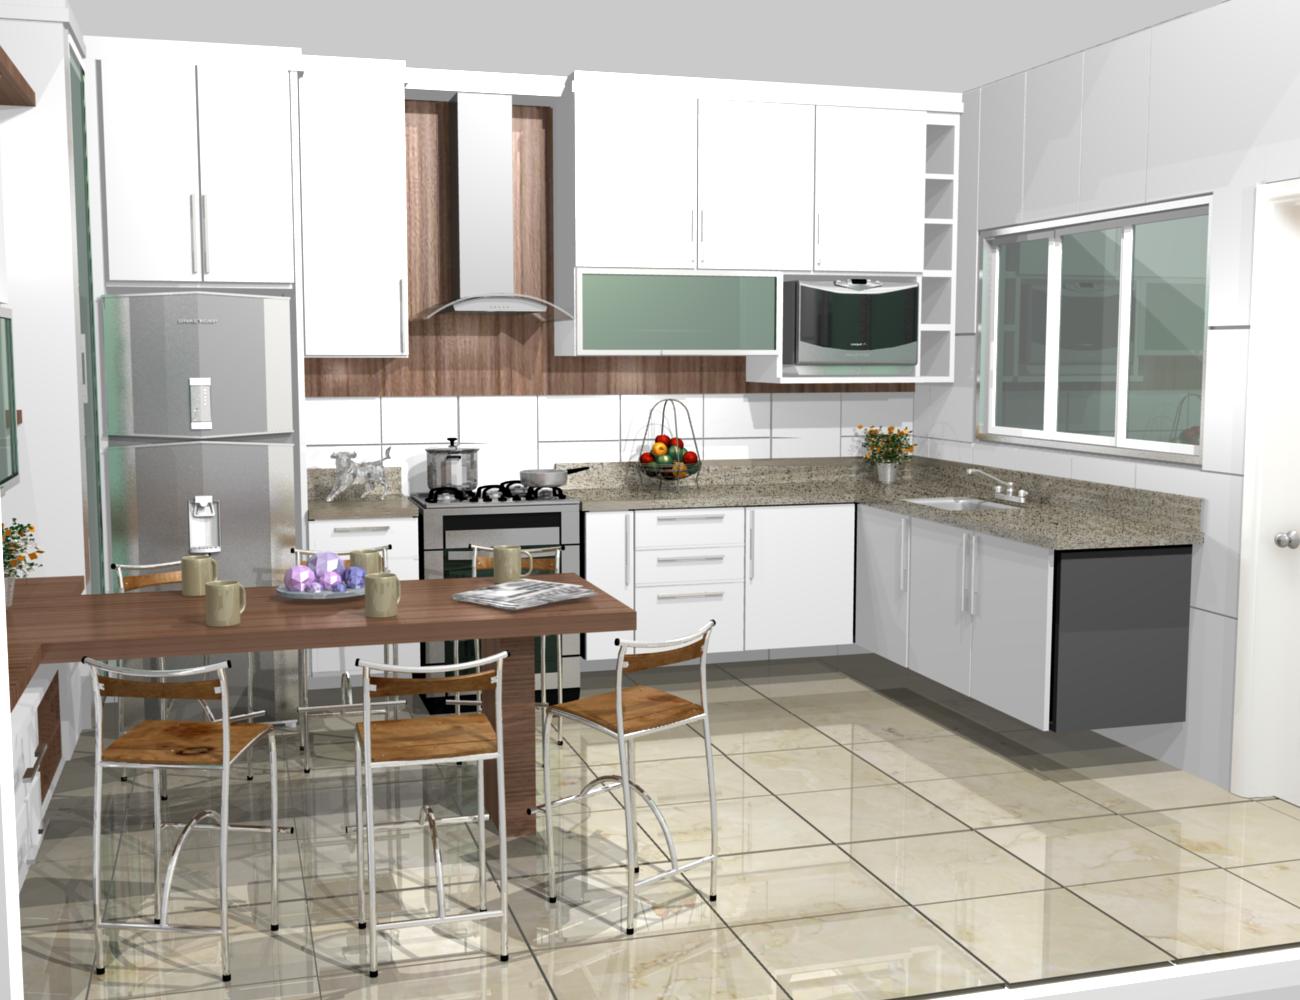 Cel (11) 98477 3234: cozinhas planejadas cozinhas simples pequenas  #654C3B 1300 1000